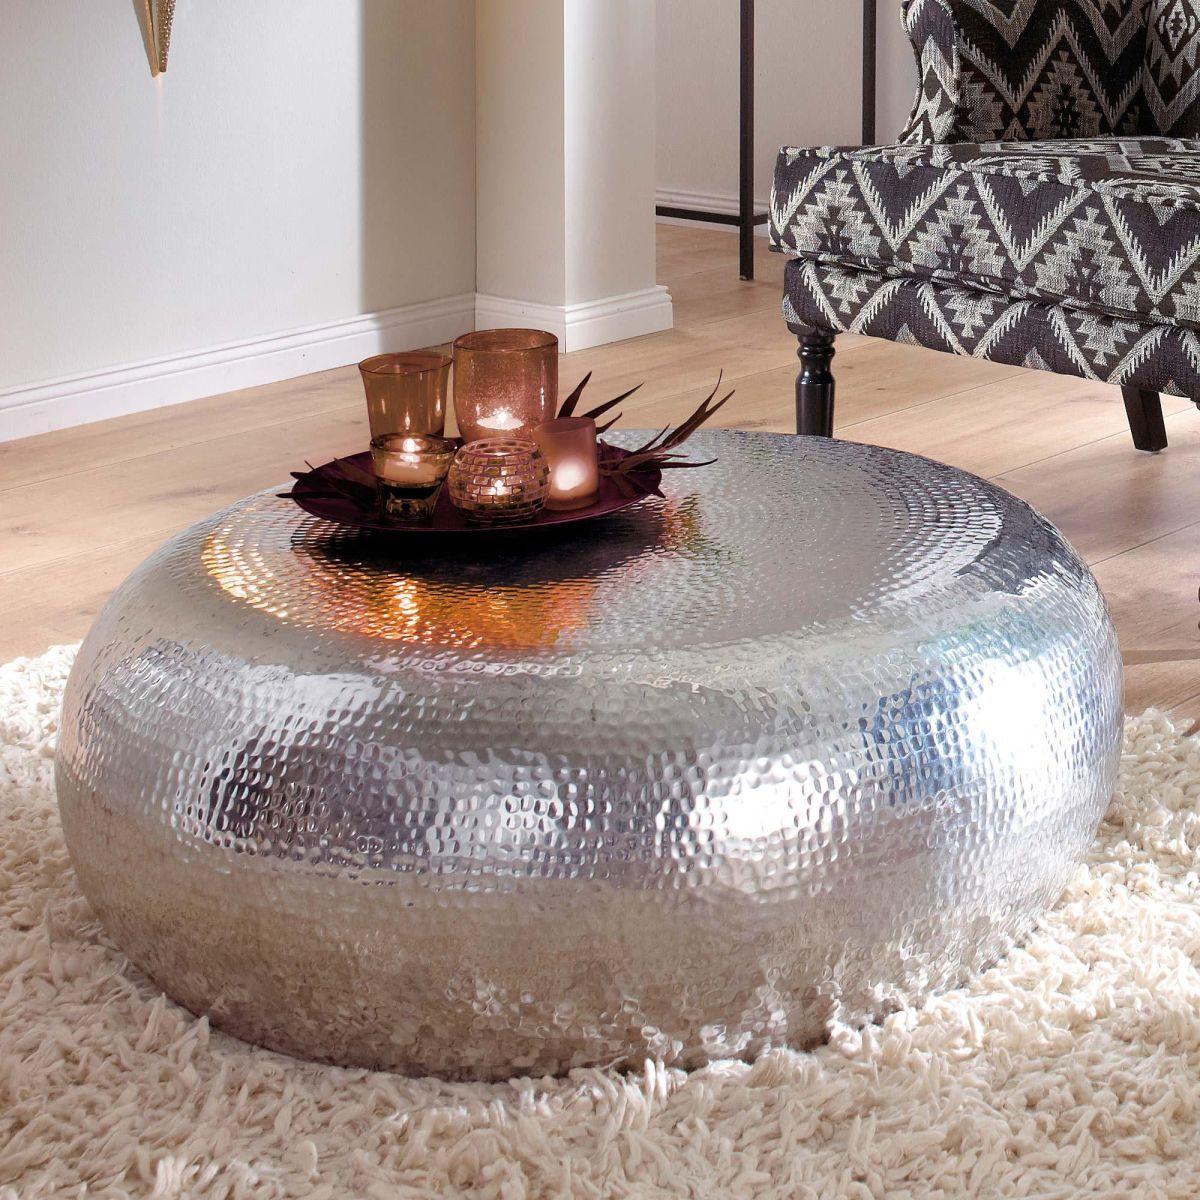 stylischer couchtisch im vintage look gefertigt living wohnzimmer wohntrend. Black Bedroom Furniture Sets. Home Design Ideas